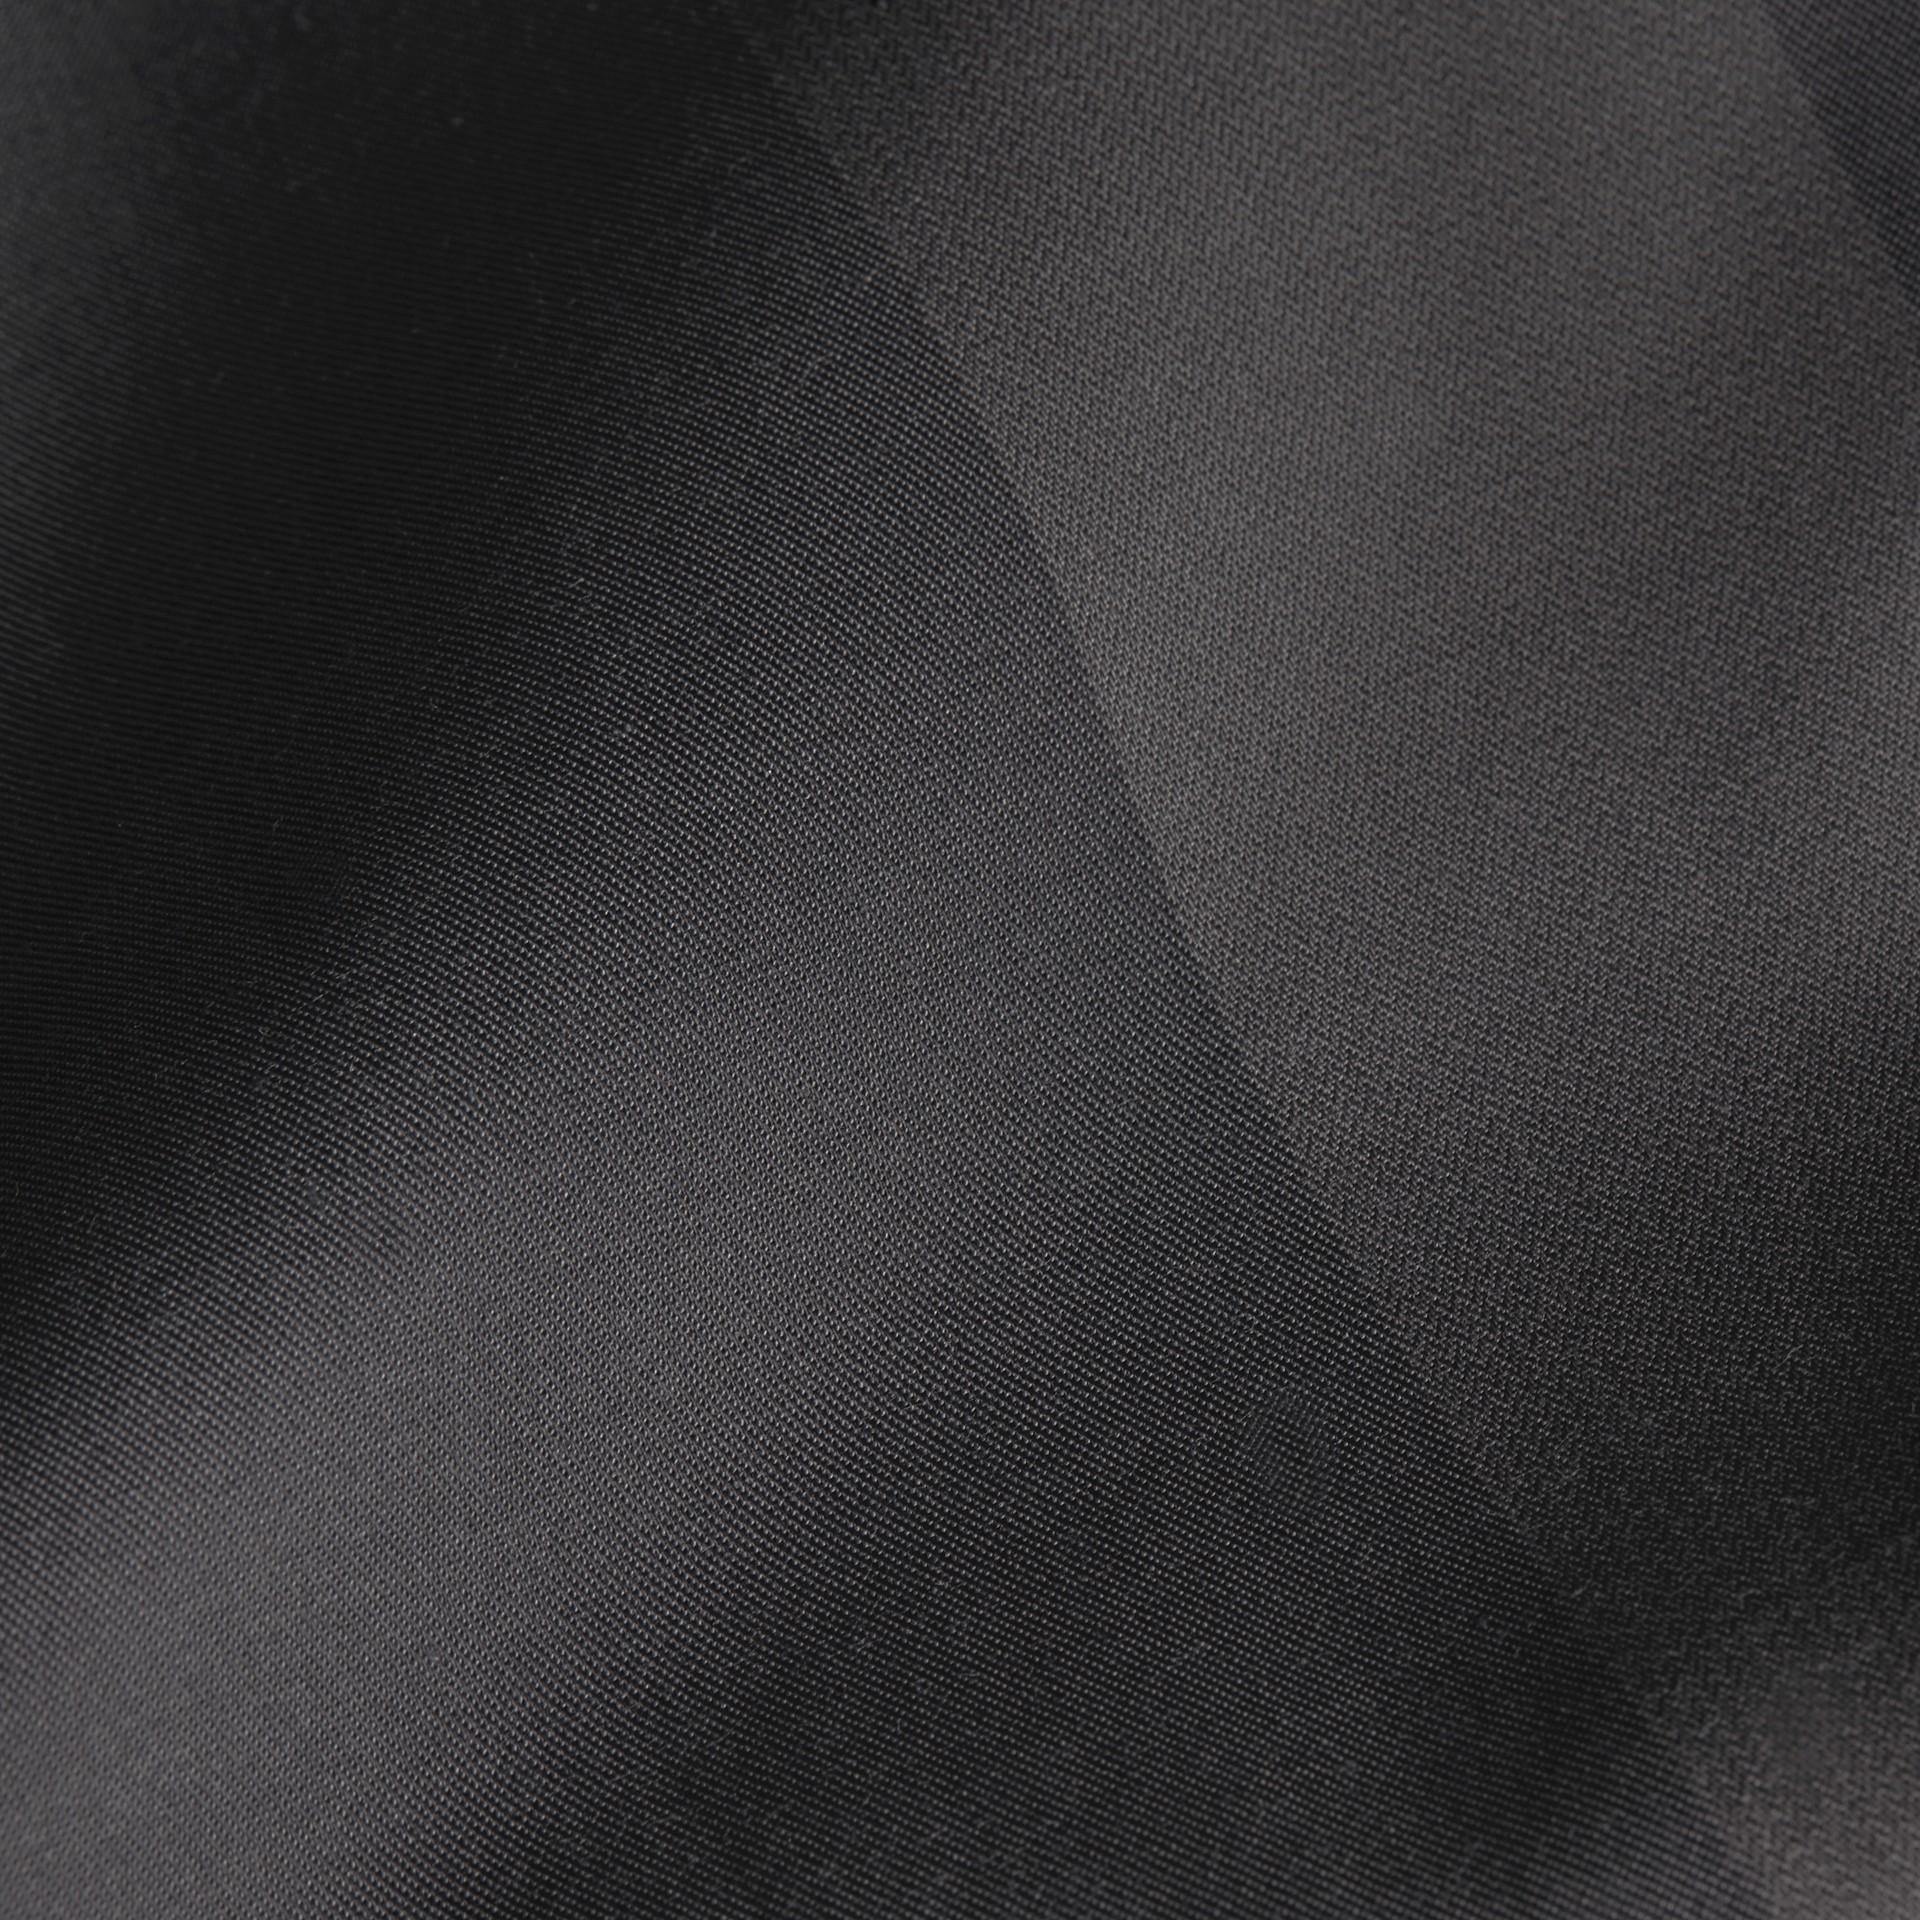 Charcoal Camisa de algodão com estampa xadrez e mangas curtas Charcoal - galeria de imagens 2